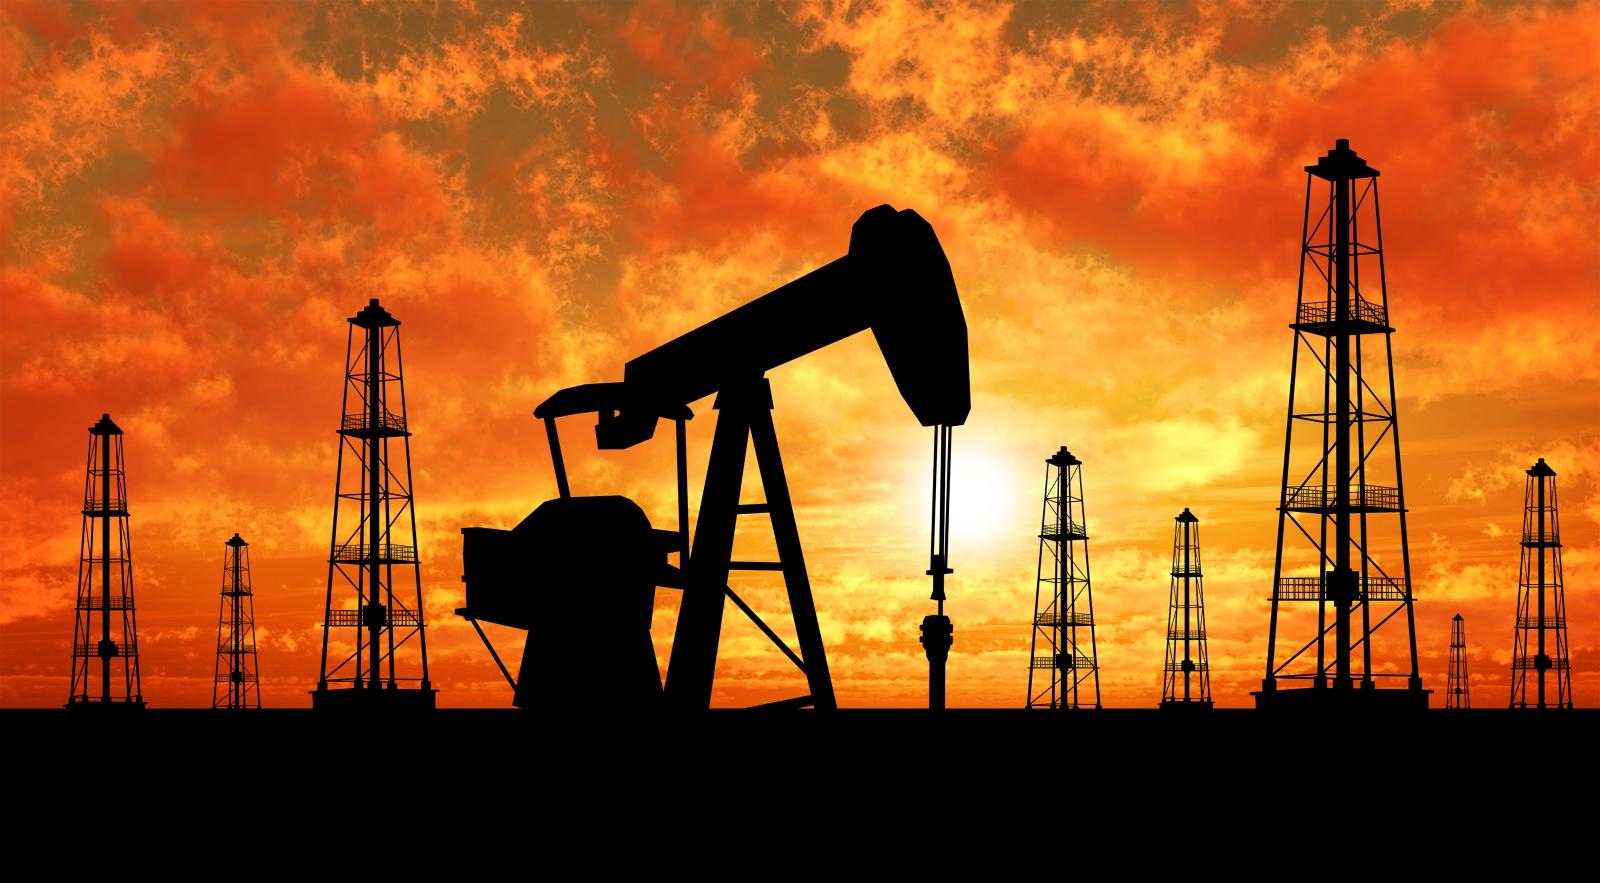 Россию ждет обрушение экспорта нефти: СМИ узнали о рекордном падении добычи в РФ